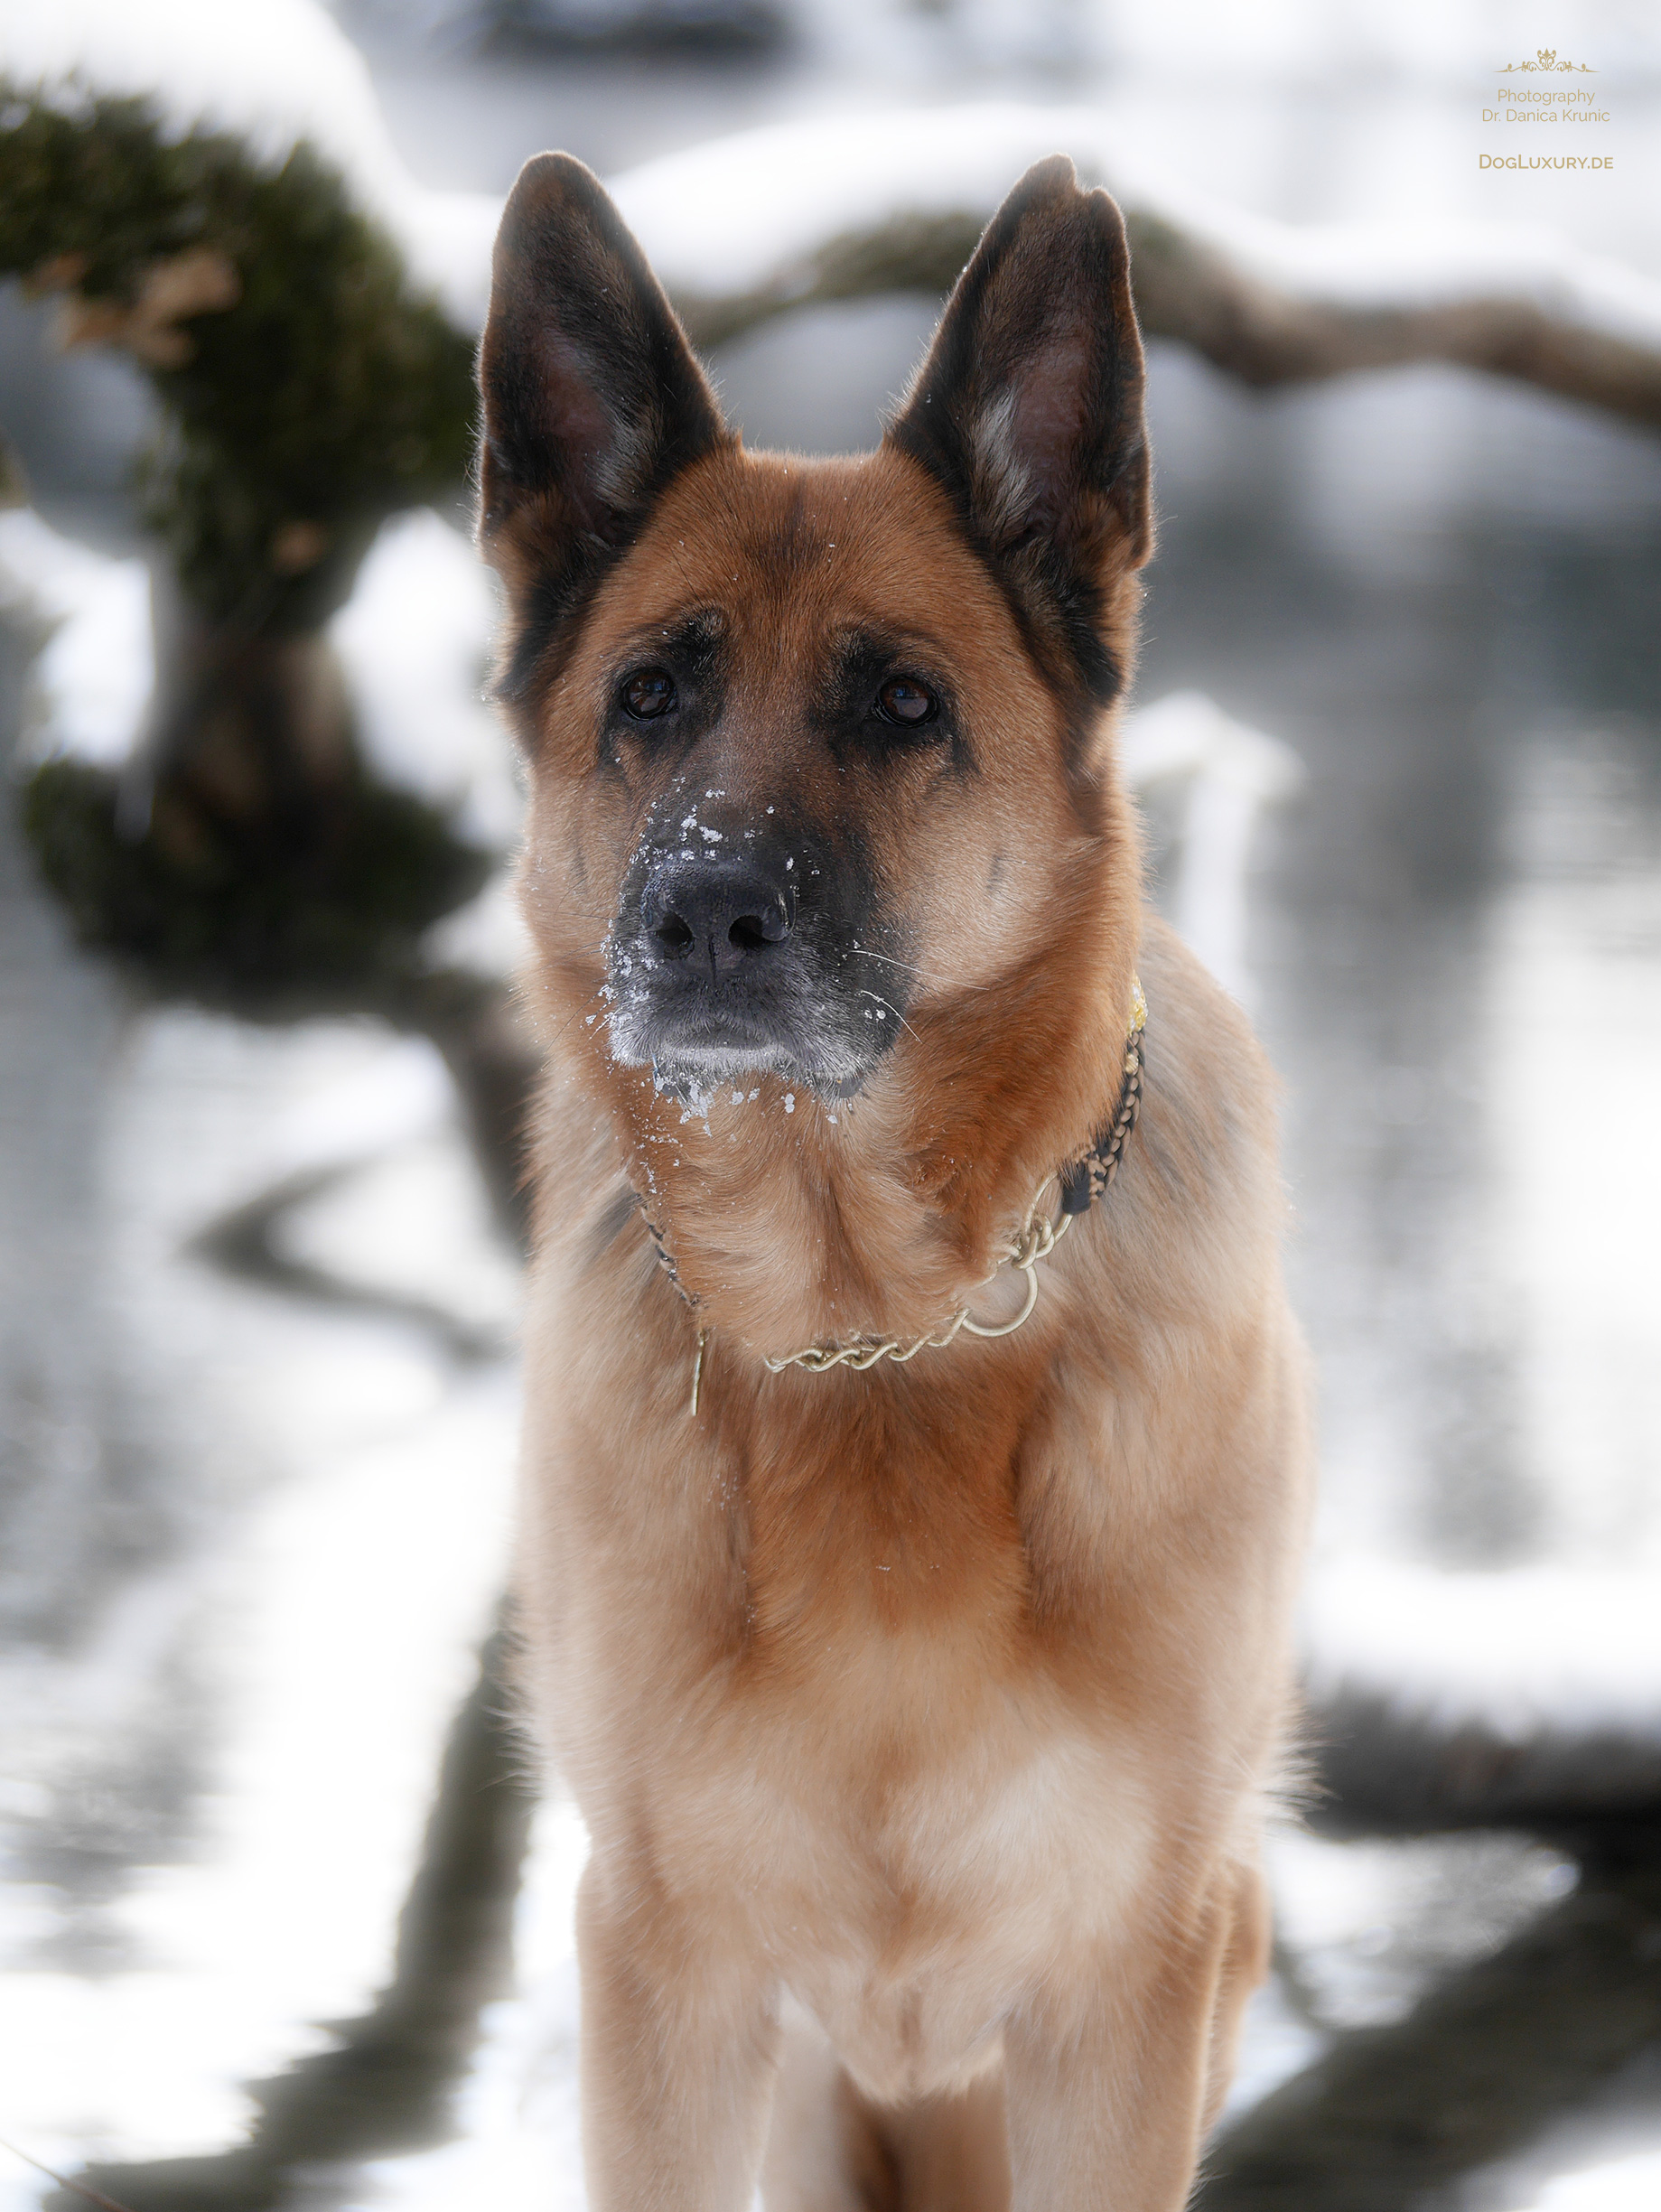 Deutscher Schäferhund - German Shepherd: Unwiderstehlich verzaubert uns seine Treue und Schönheit.